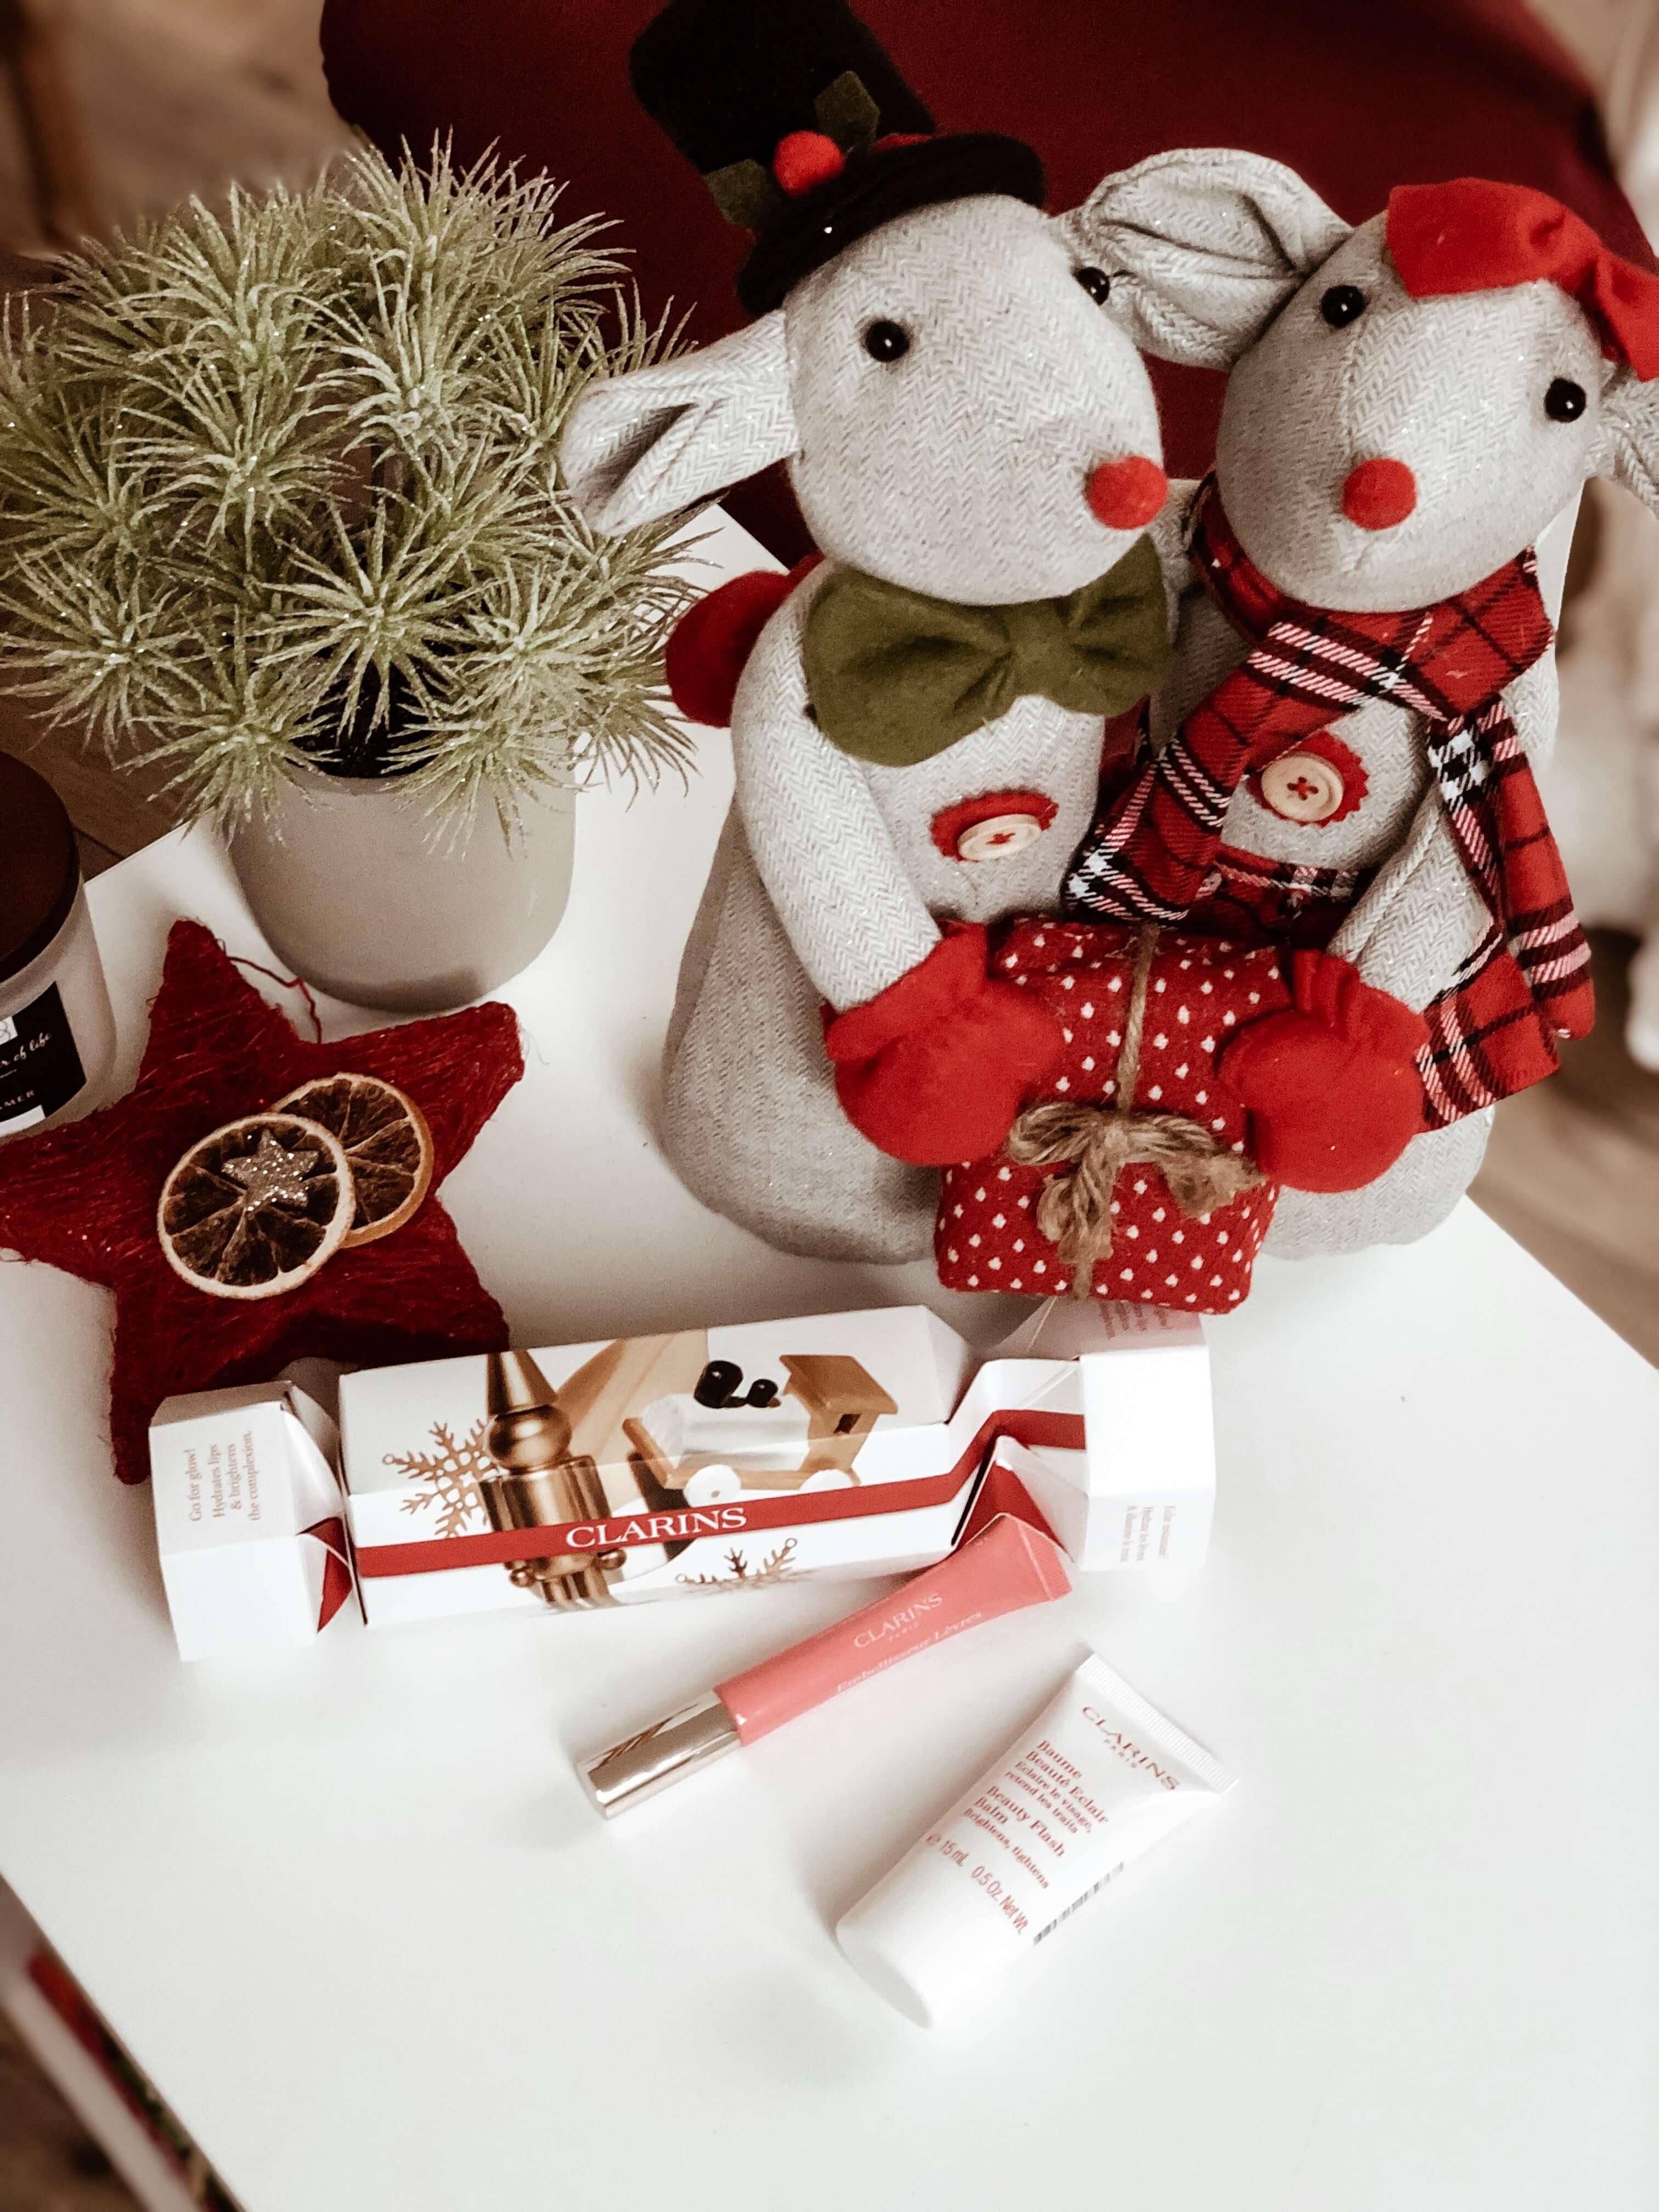 Clarins Zestaw Świąteczny z błyszczykiem do ust Natural Lip Perfector